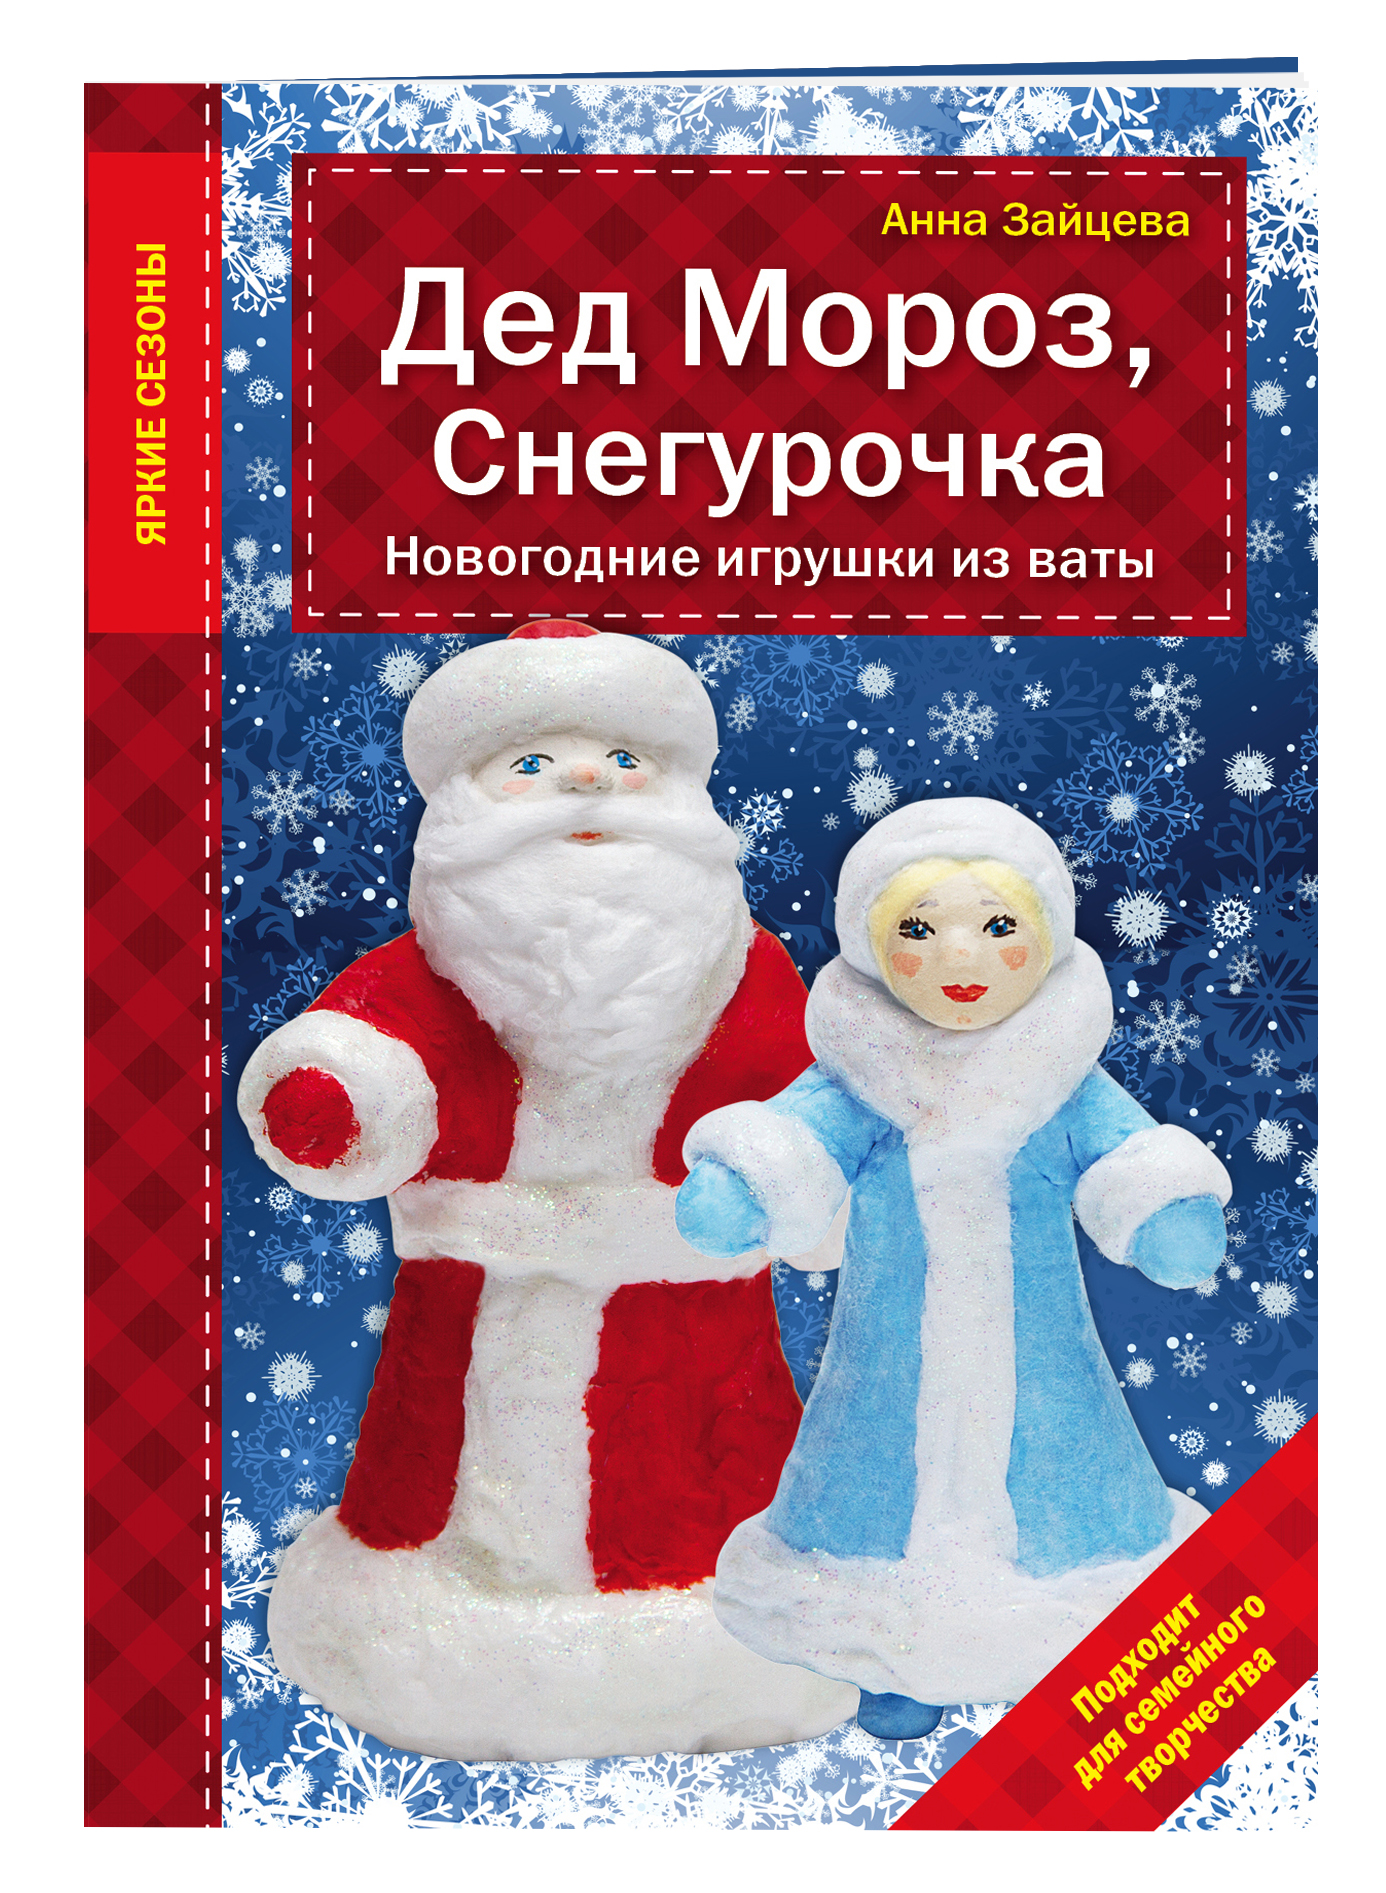 Зайцева А.А. Дед Мороз, Снегурочка. Новогодние игрушки из ваты